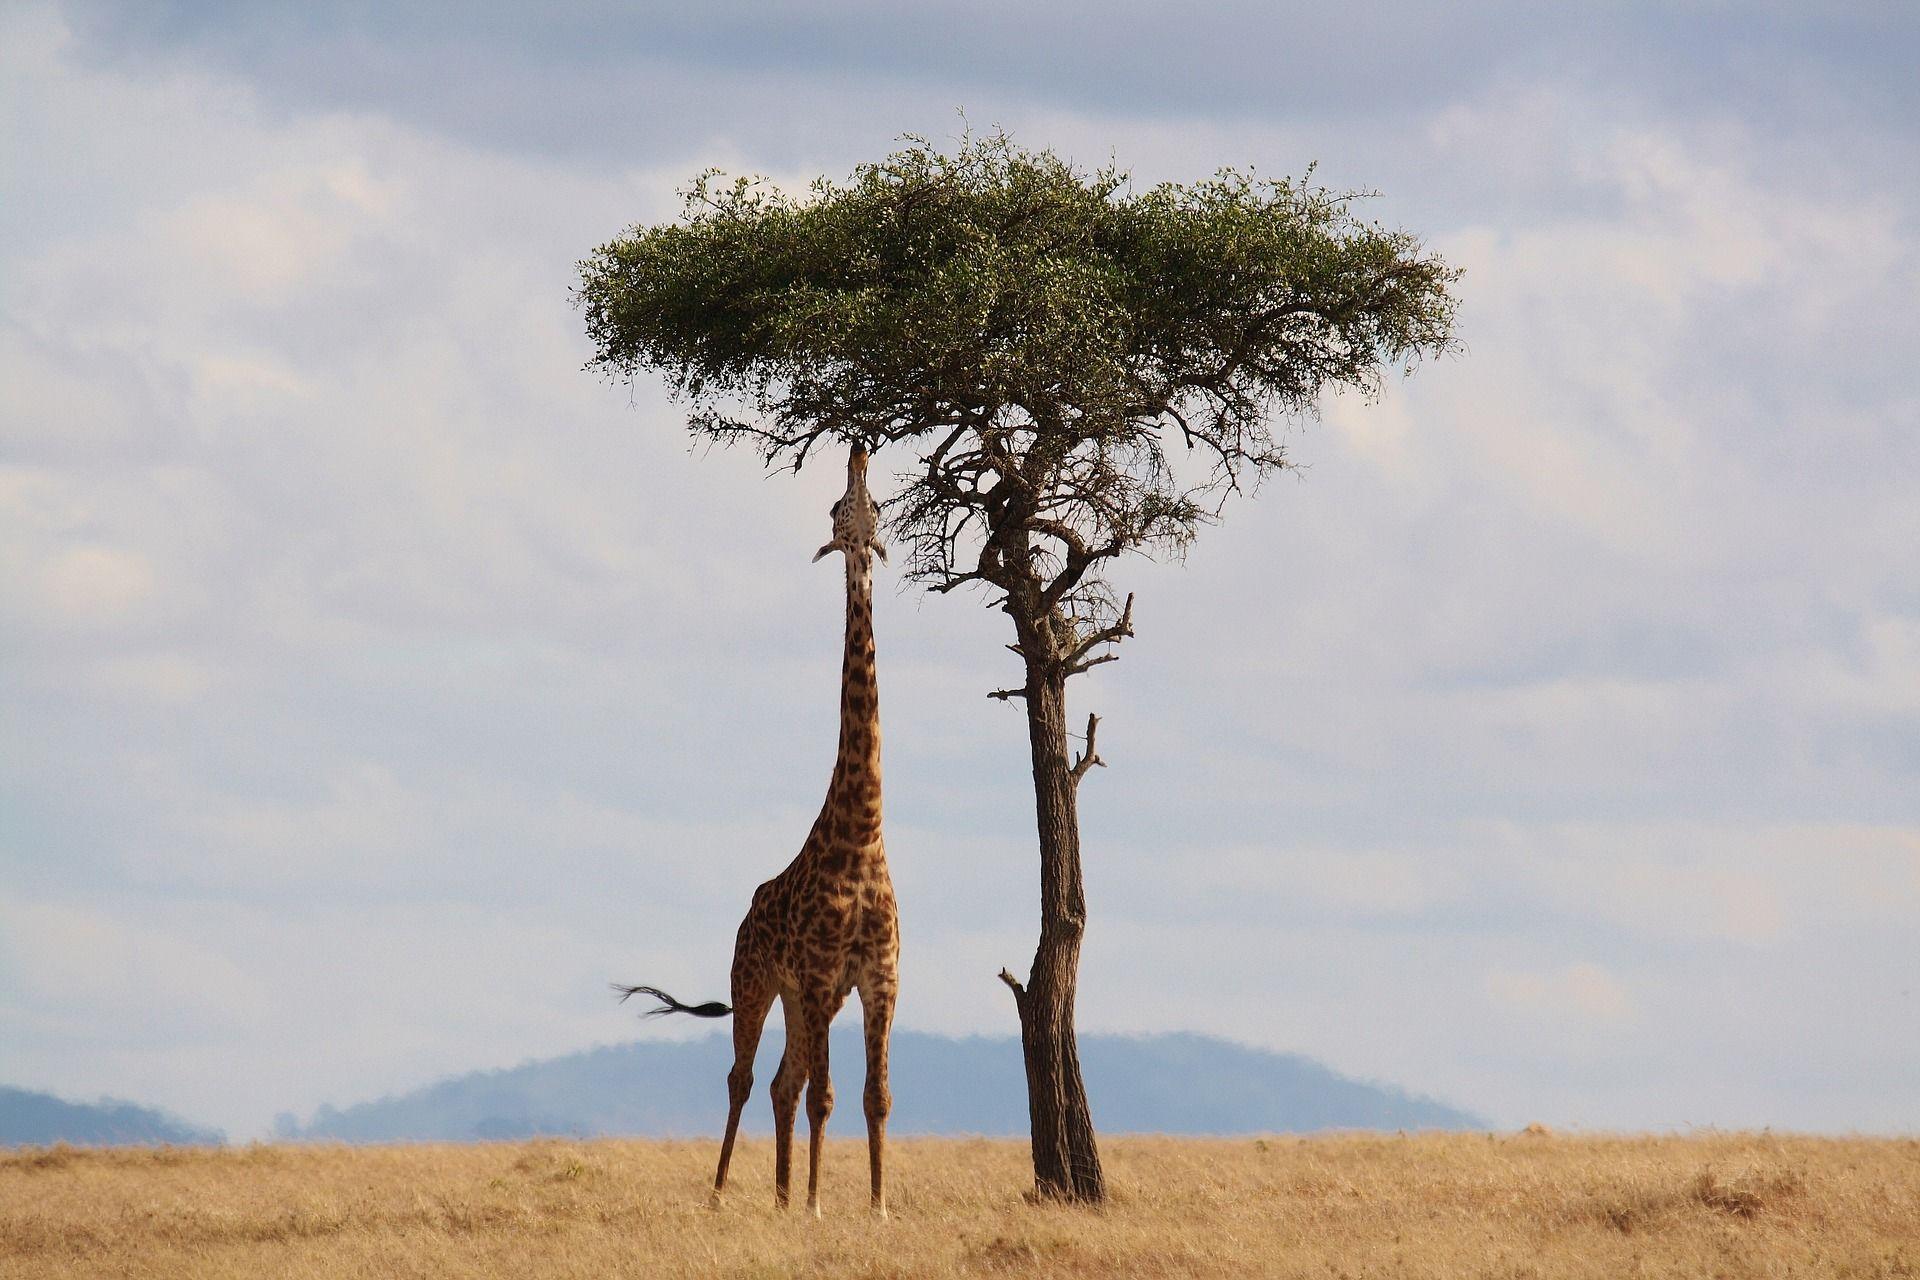 Les incontournables du Kenya, 10 jours / 07 nuits, Départs garantis à partir de 02 participants - voyage  - sejour